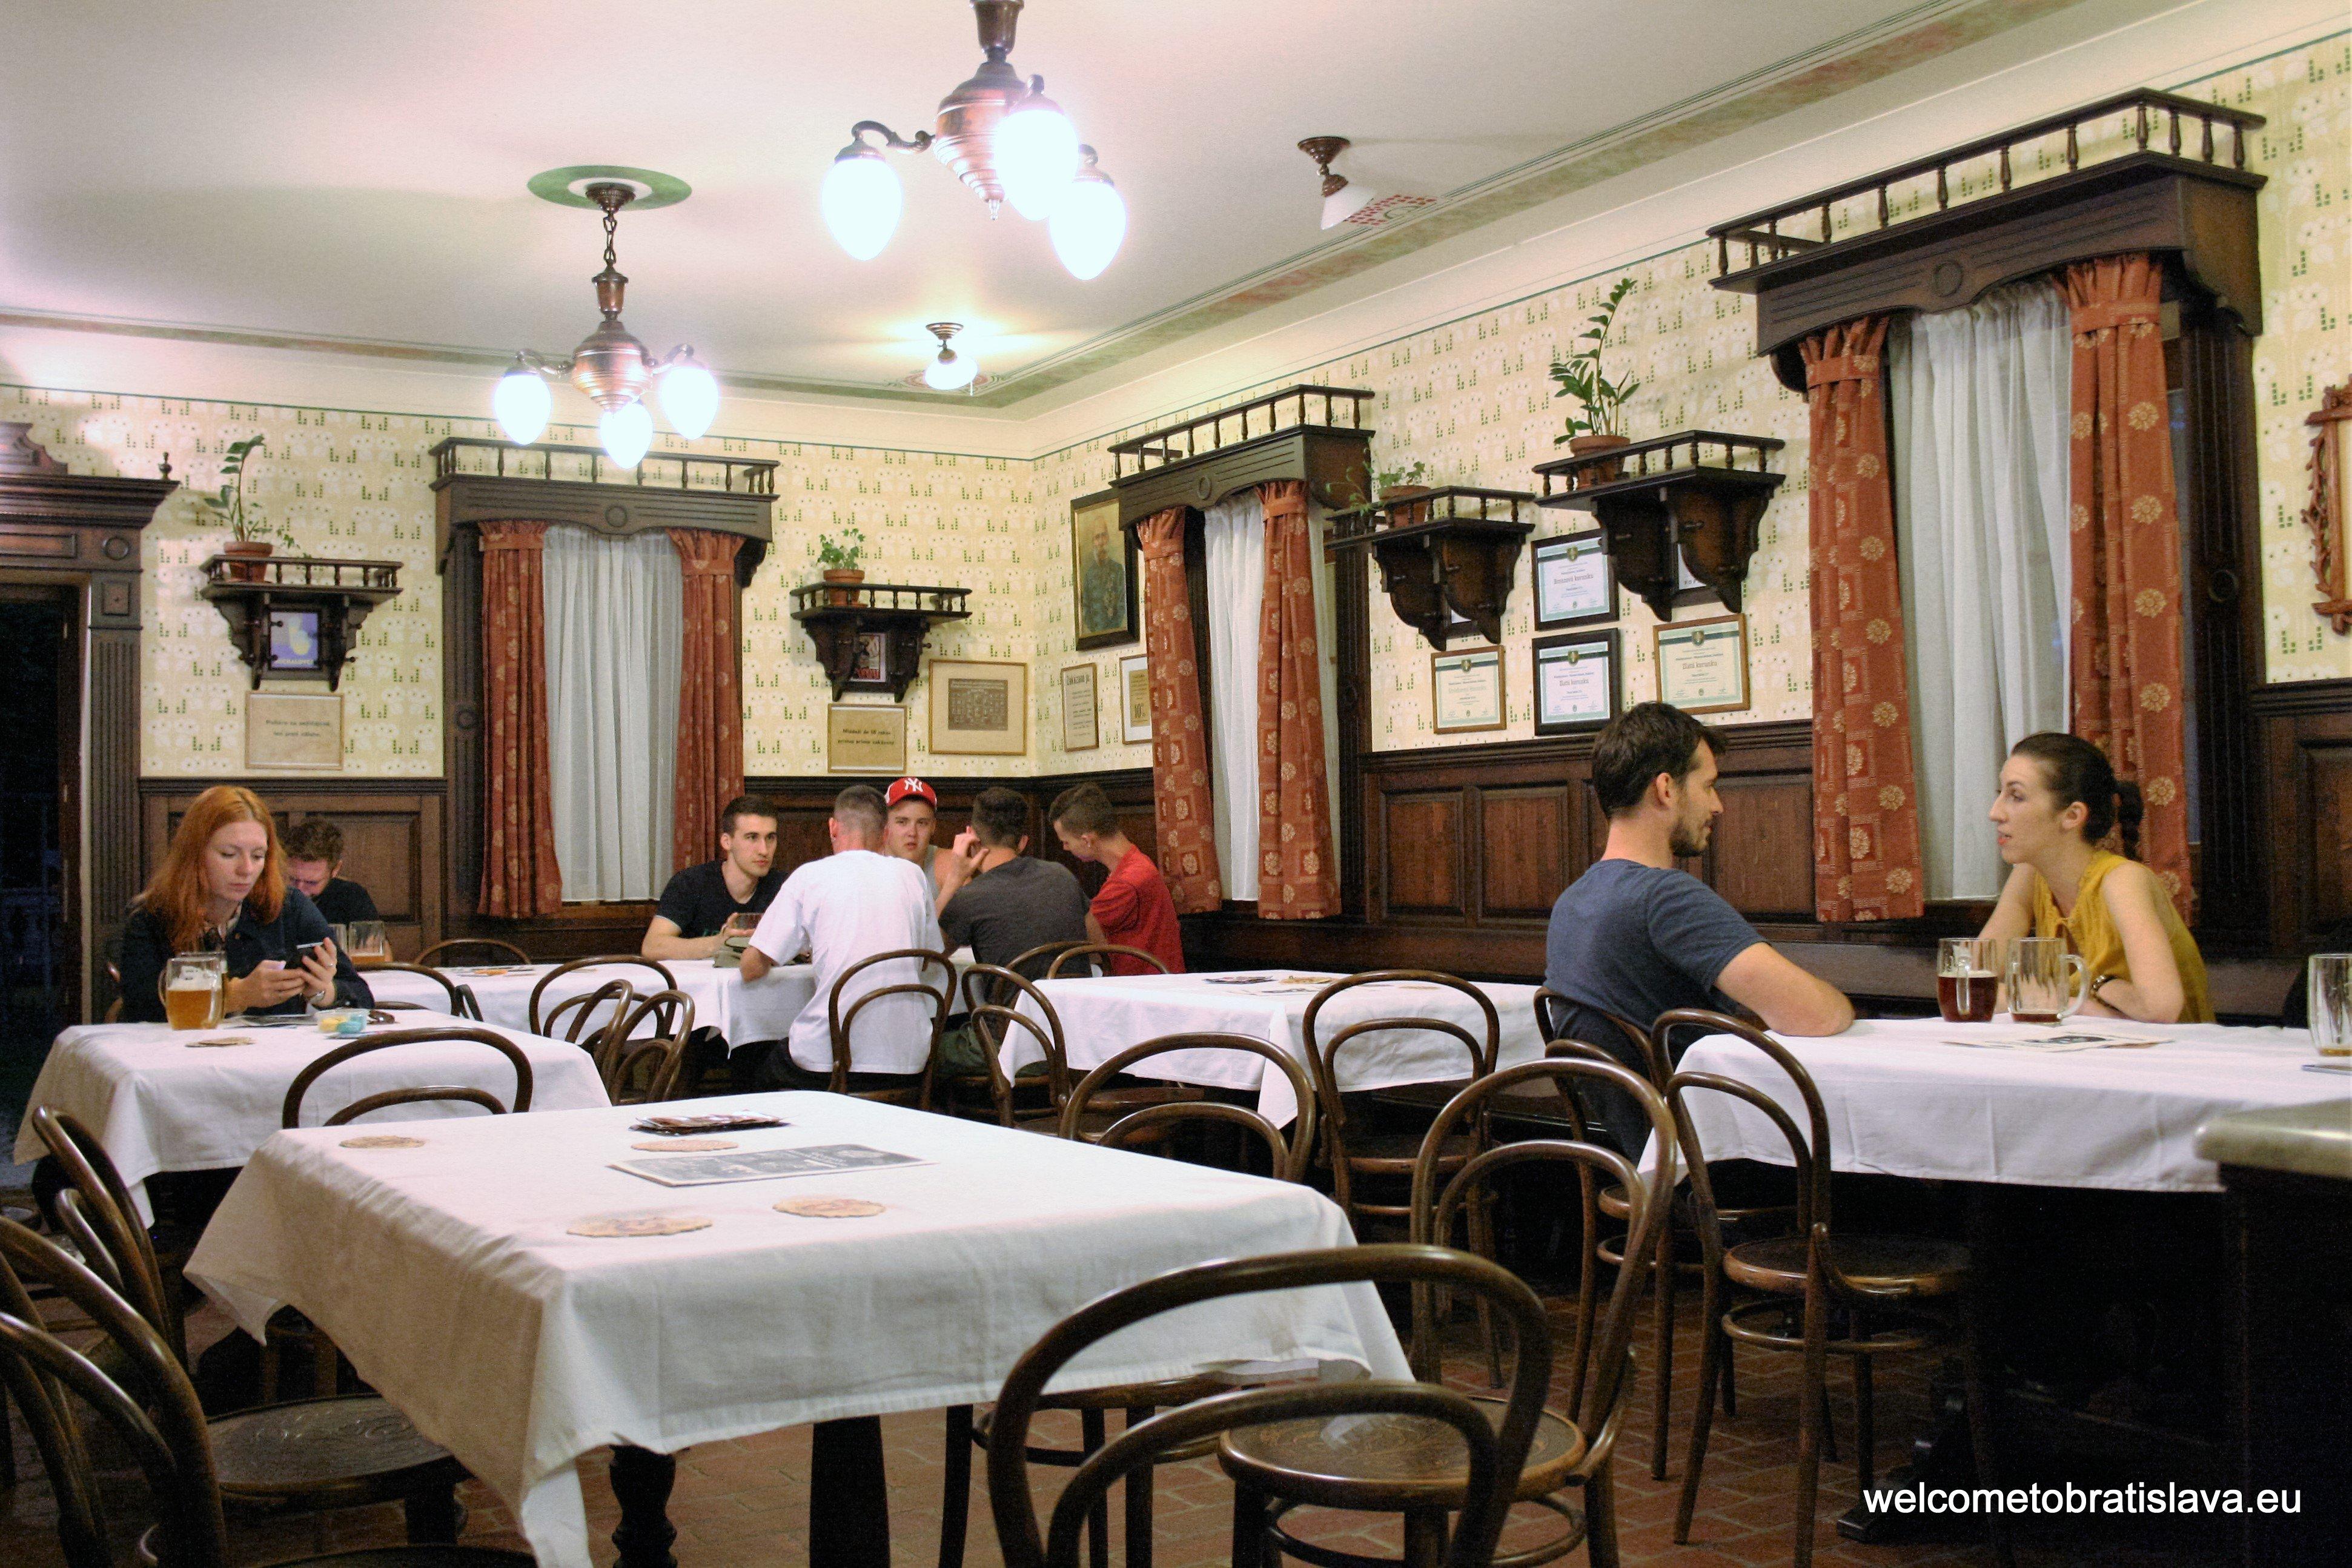 Best beer places in Bratislava - Muzejny pivovar